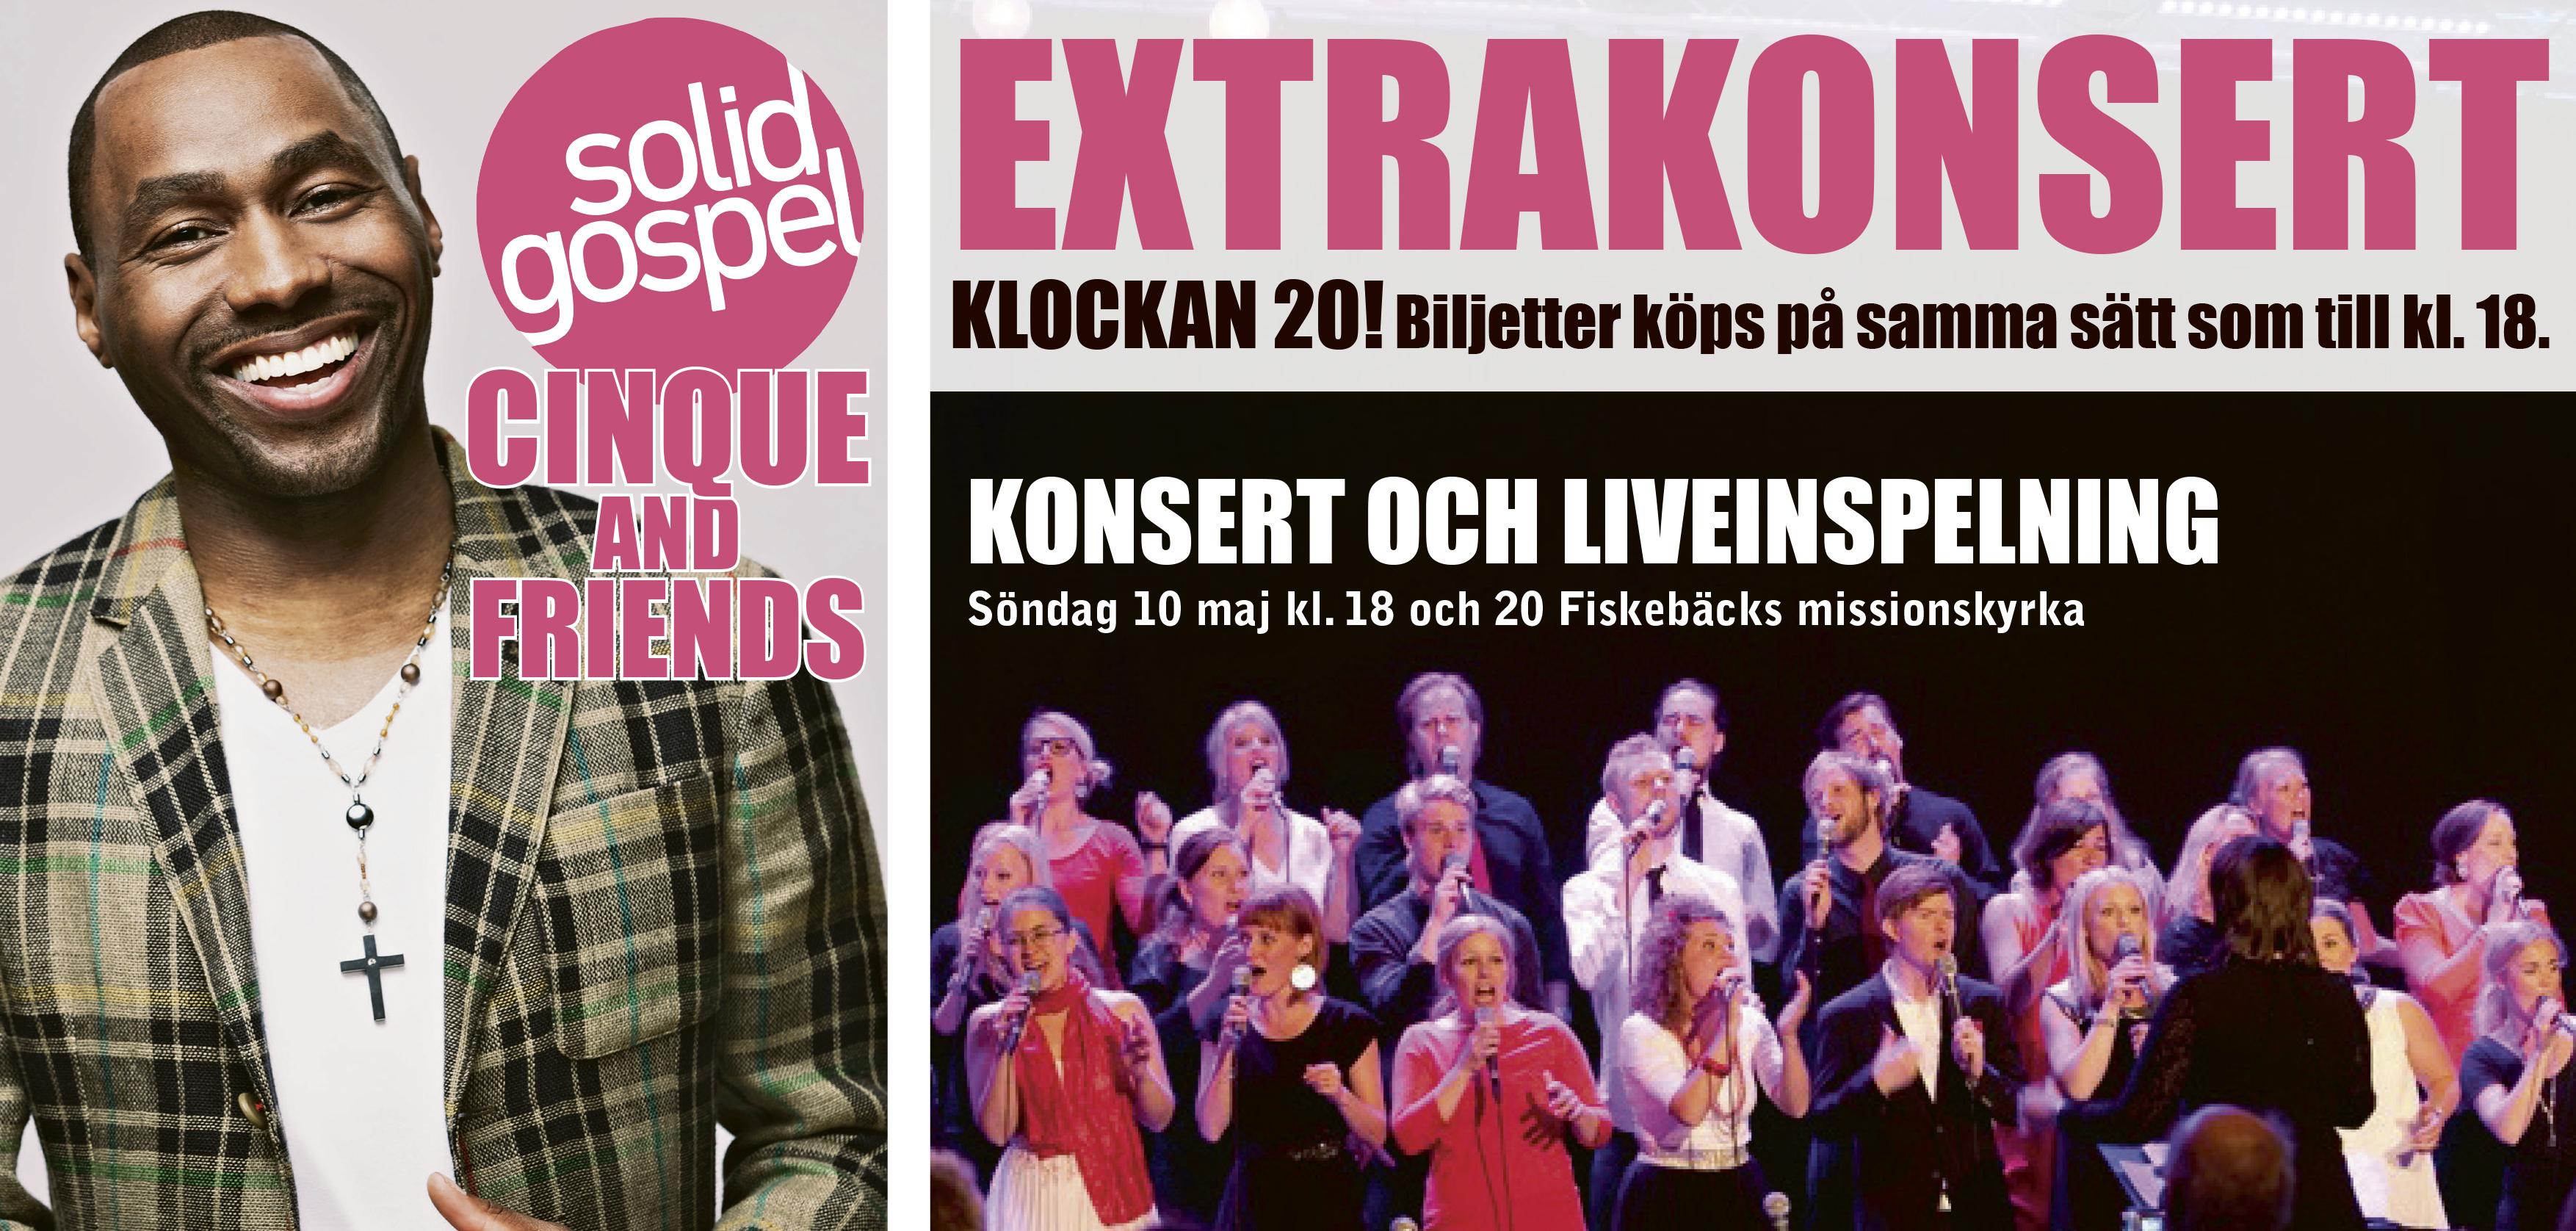 Extrakonsert kl. 20!